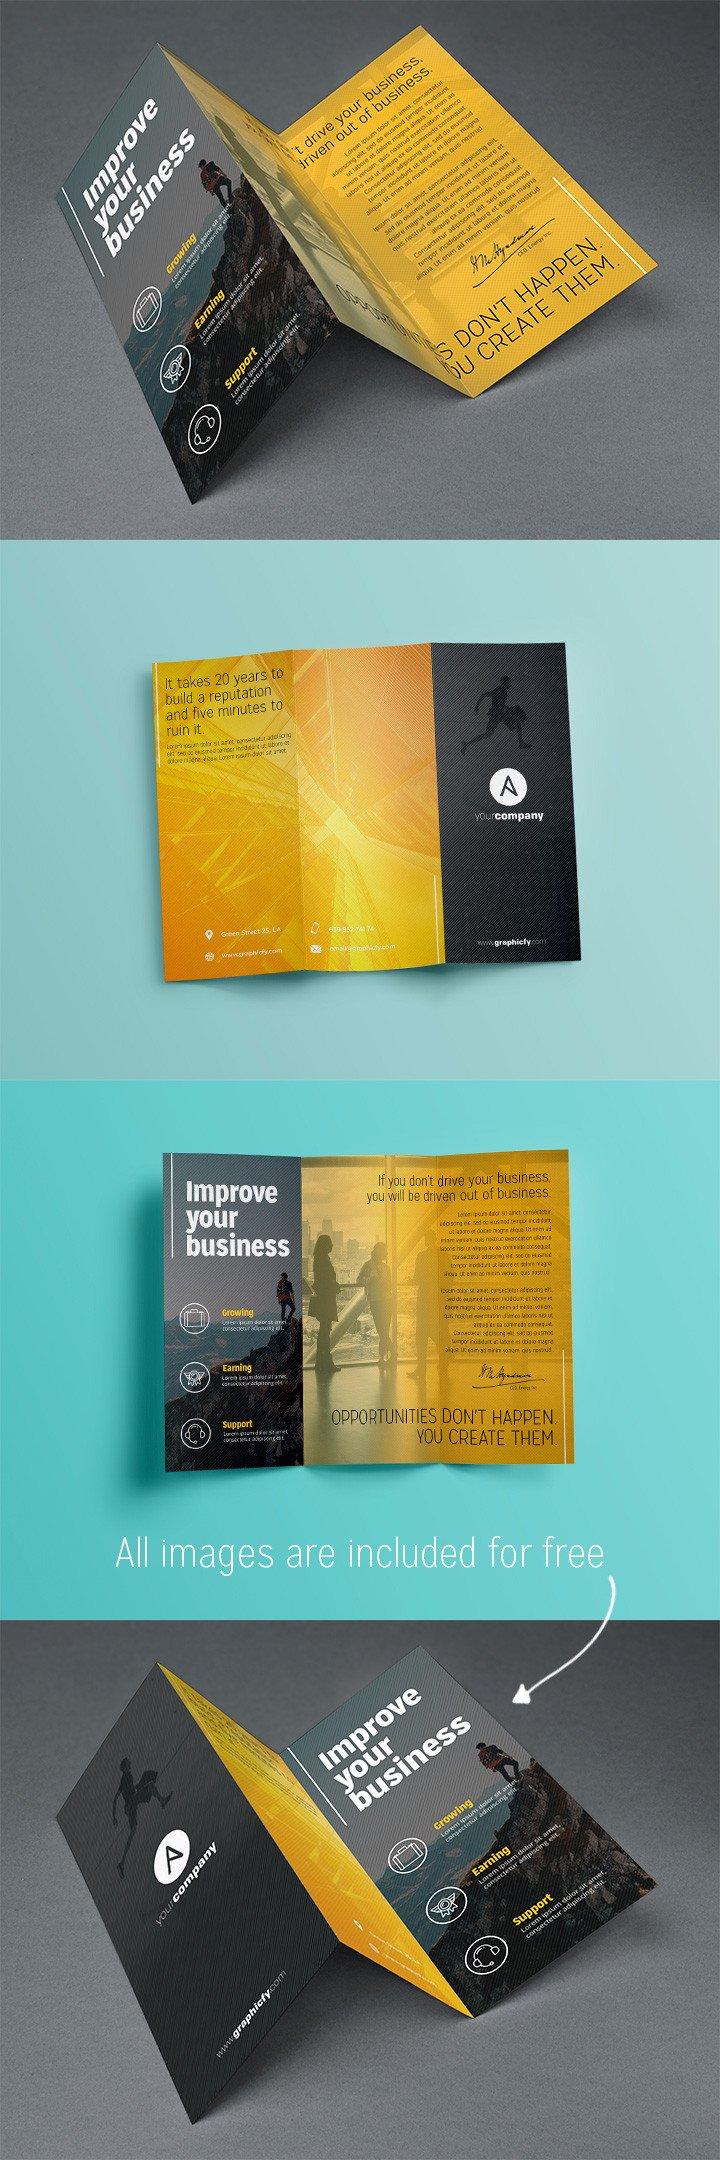 Three Fold Brochure Template Tri Fold Brochure Template Psd Brochure Templates